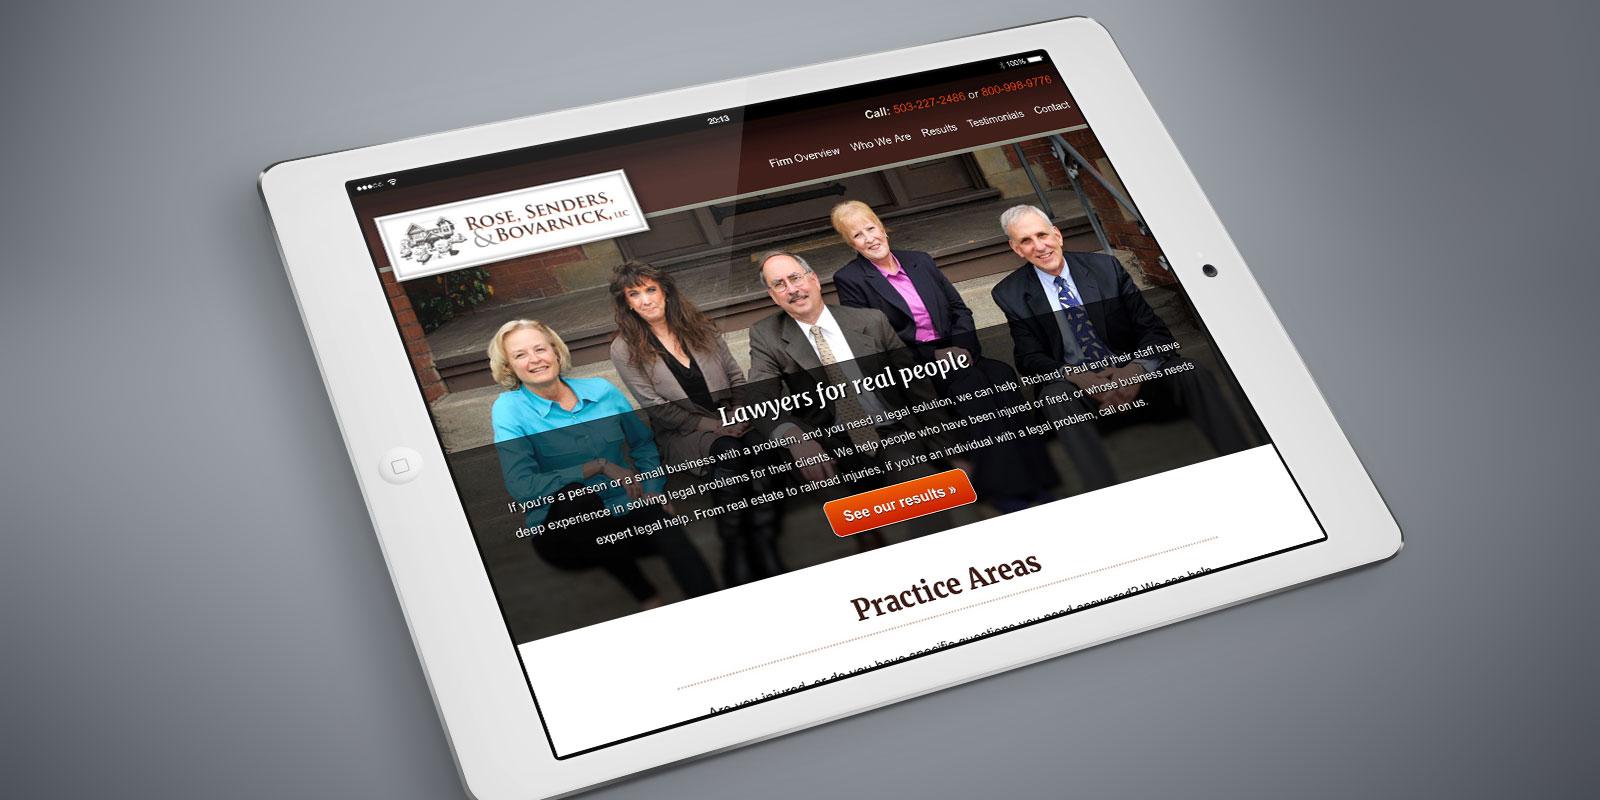 Rose, Sender, and Bovarnick website on a tablet